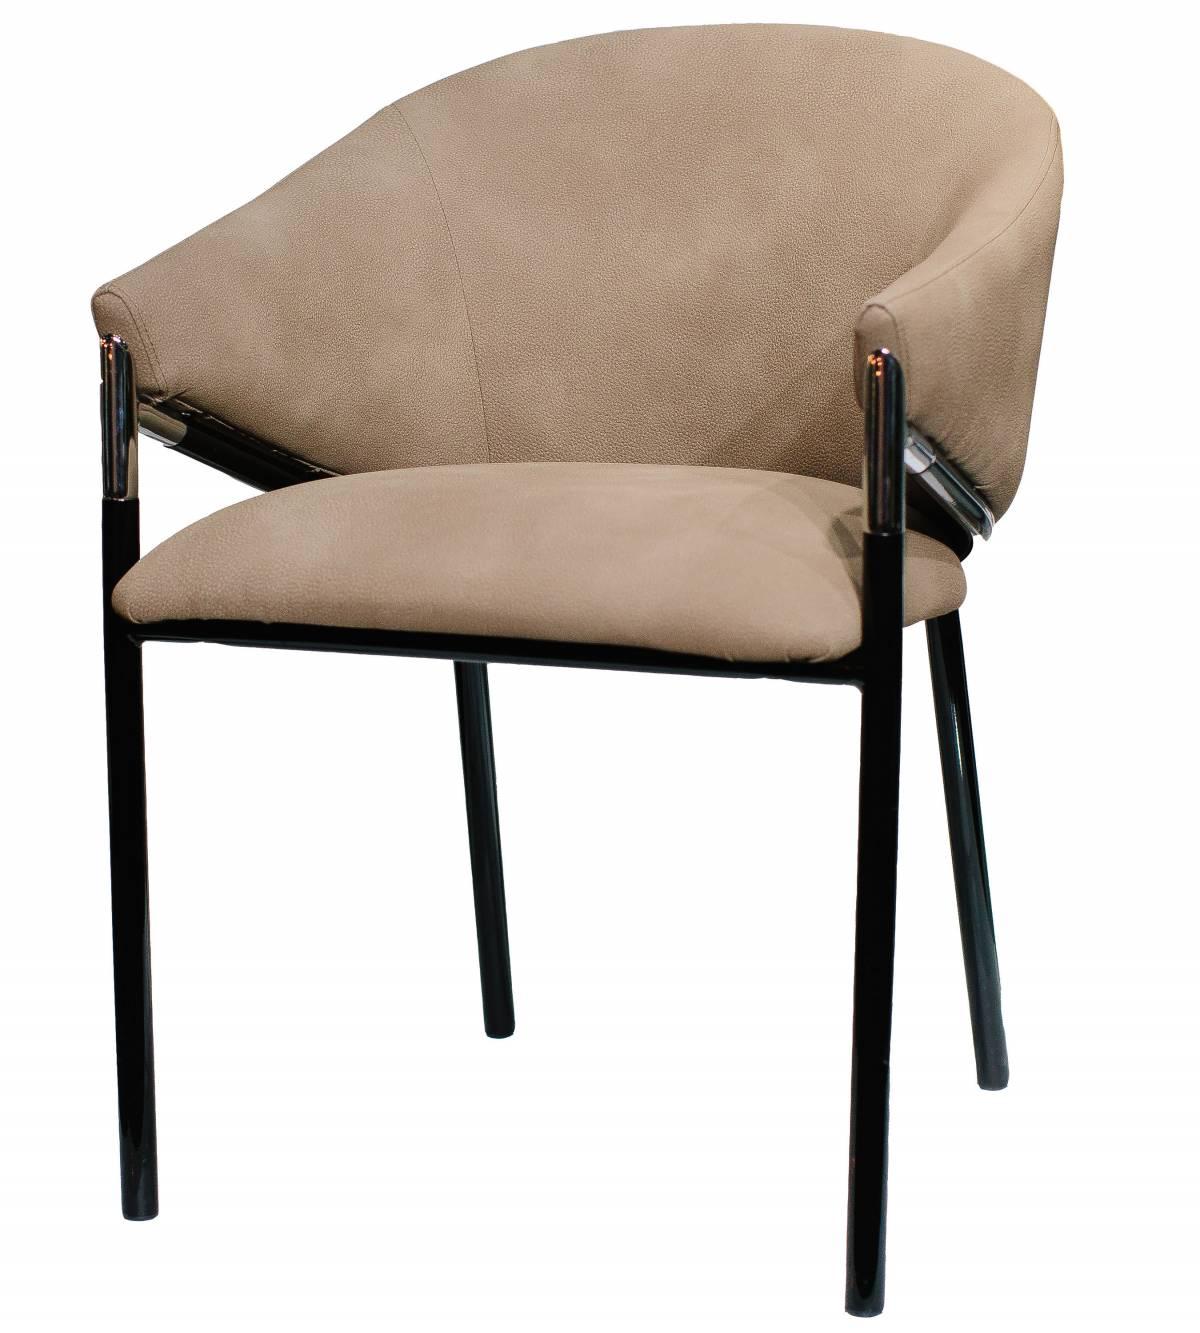 Купить стул с подлокотниками Melody в Raroom